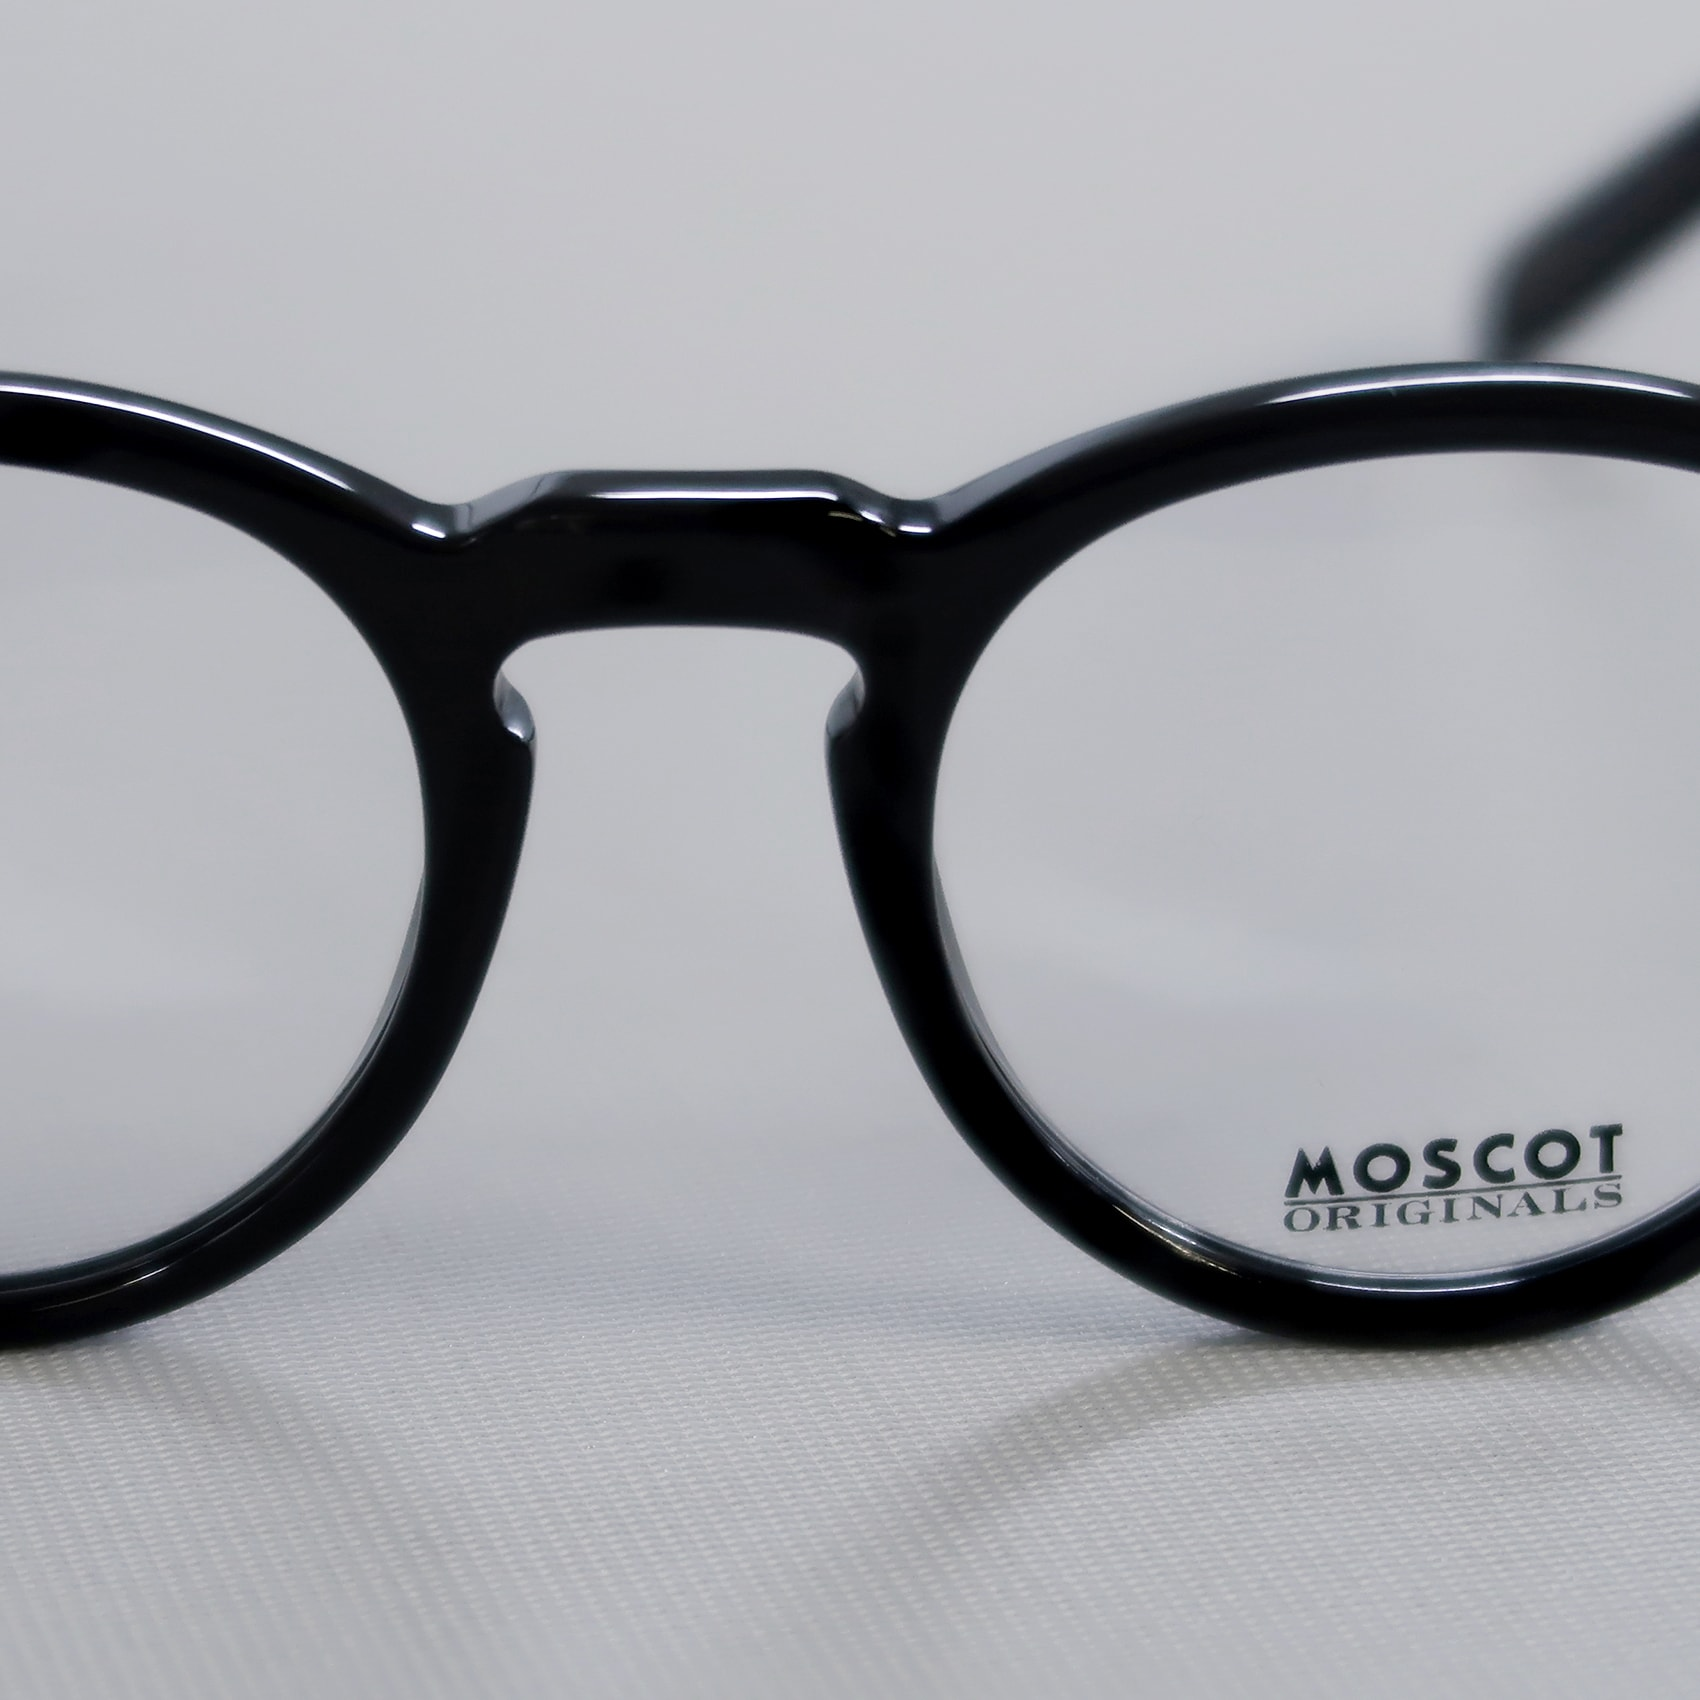 170926-moscot-miltzen-02